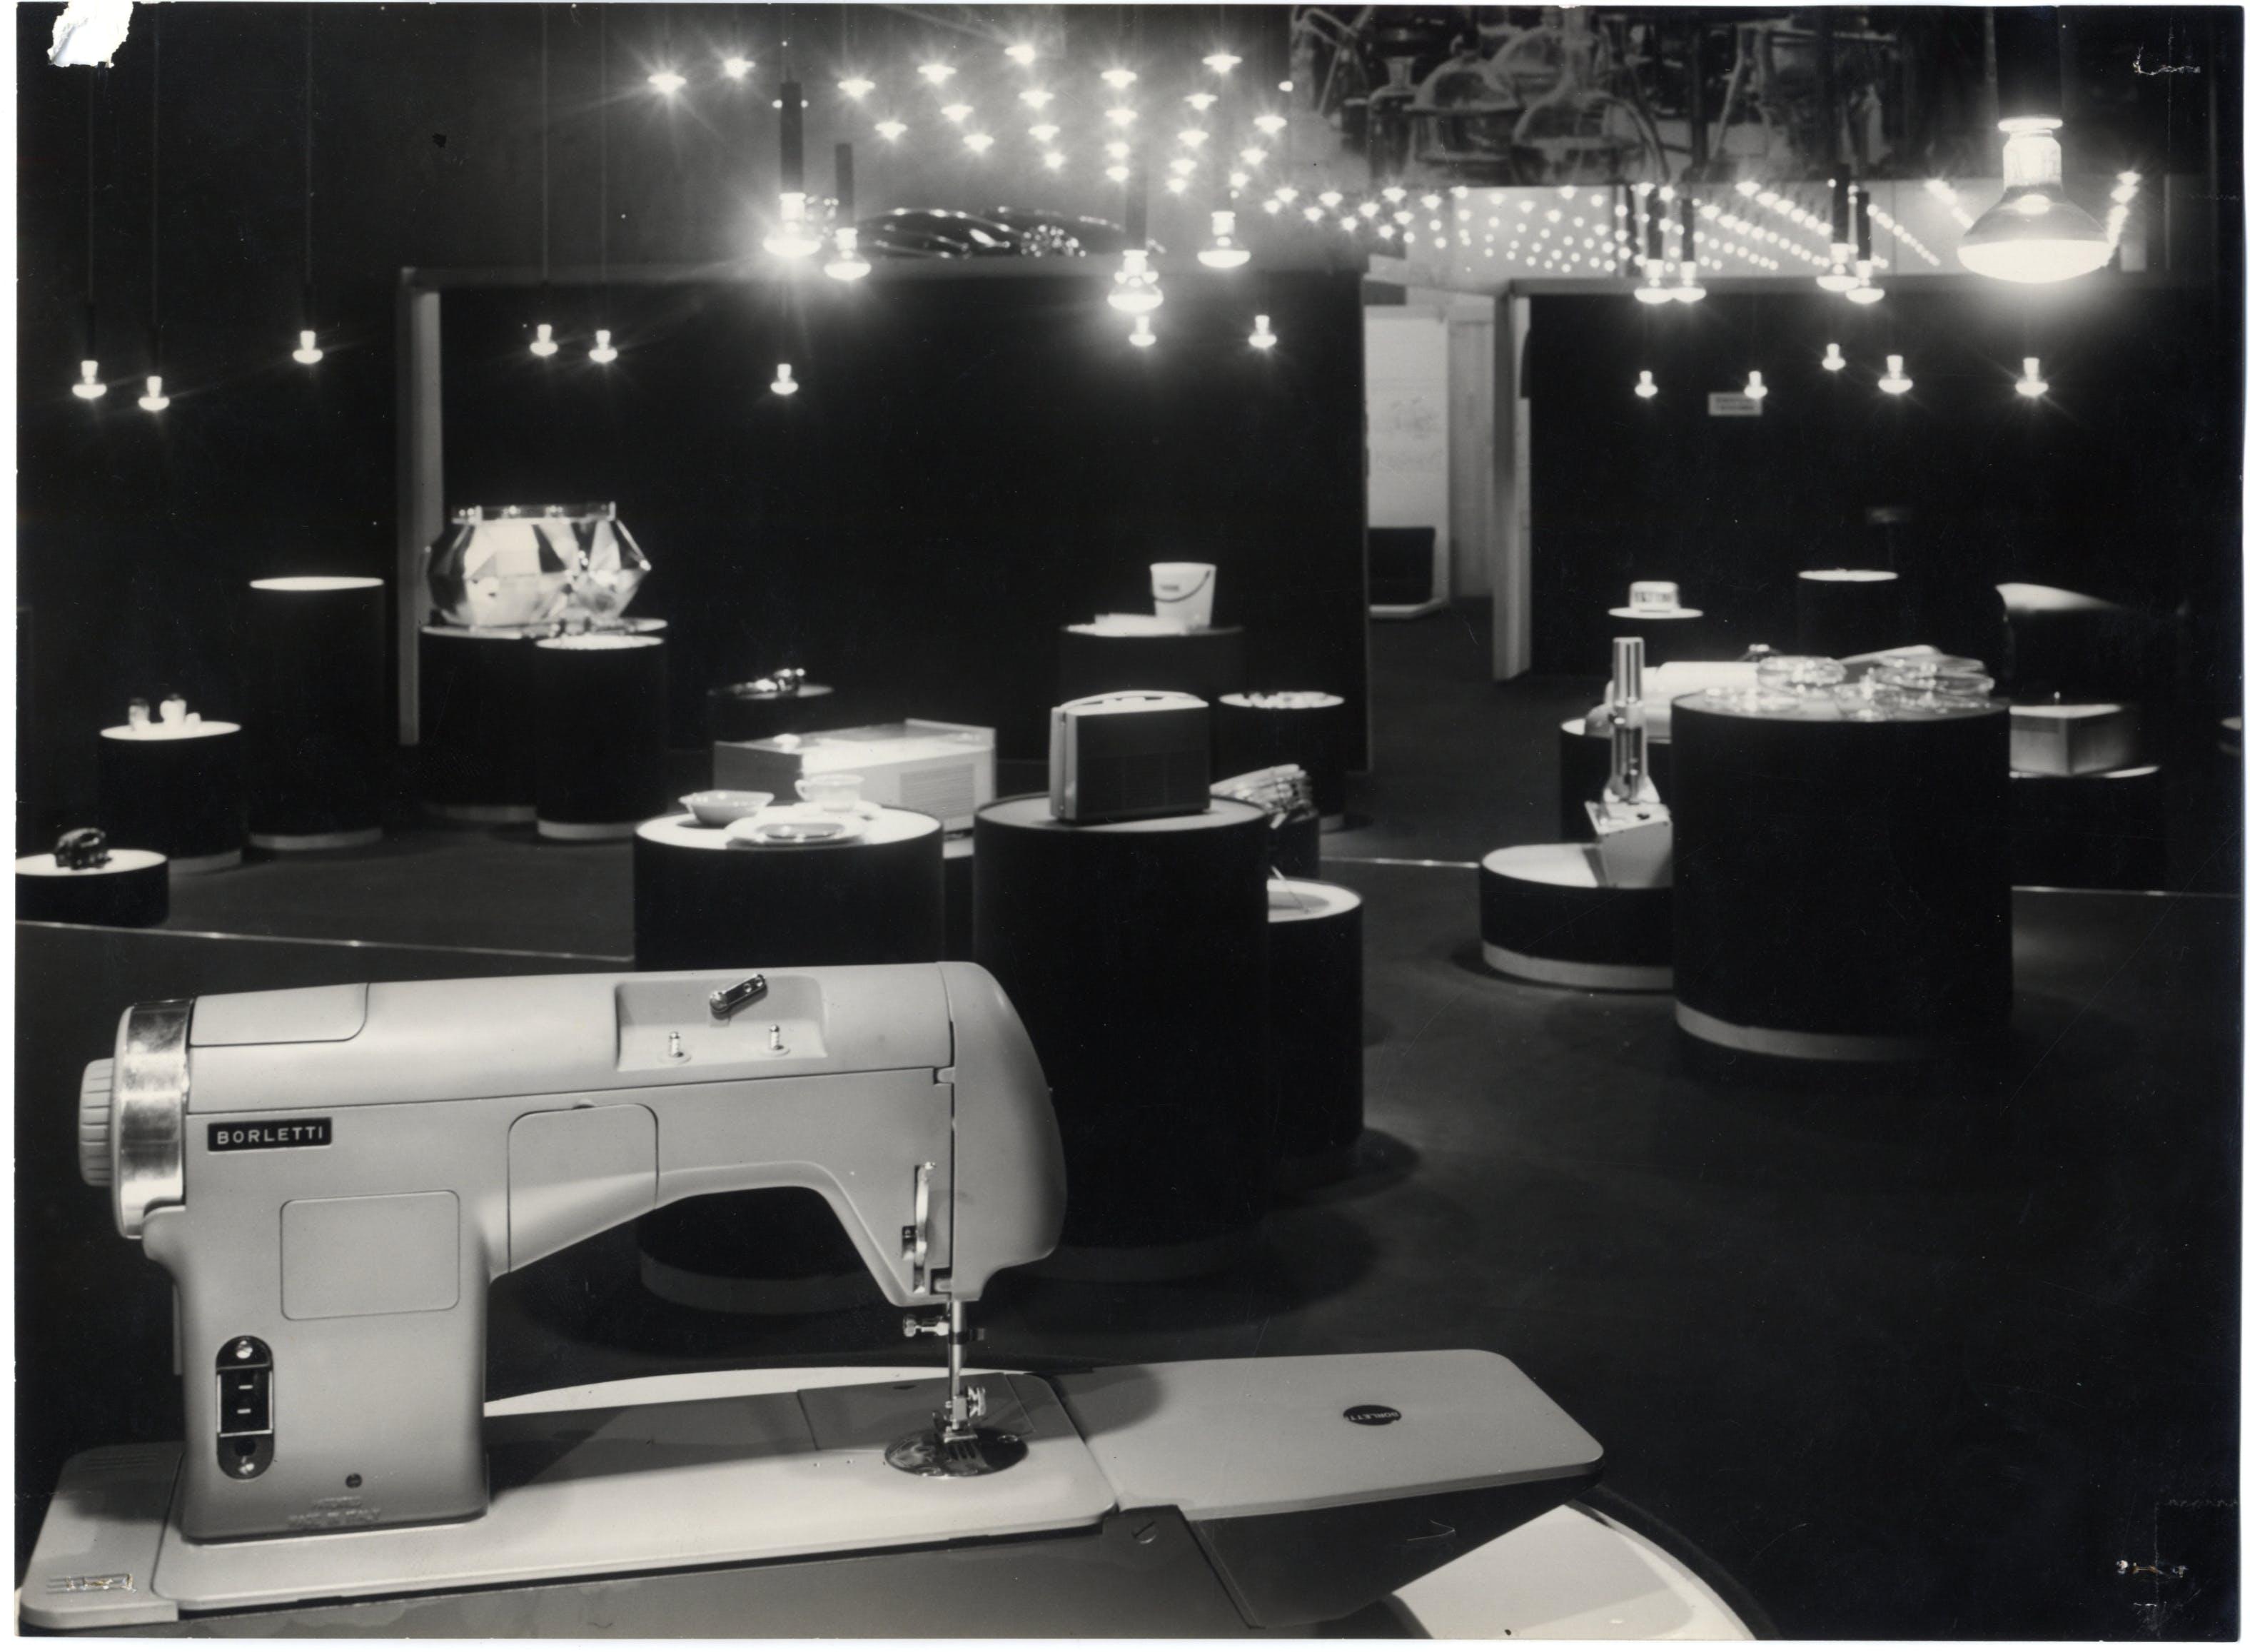 Seconda parte della Mostra internazionale dell'Industrial Design, progetto dell'allestimento degli architetti Sergio Asti, Gianfranco Frattini, grafici GiulioConfalonieri e Ilio Negri. In primo piano macchina da cucire Borletti, 1957 - Triennale Milano